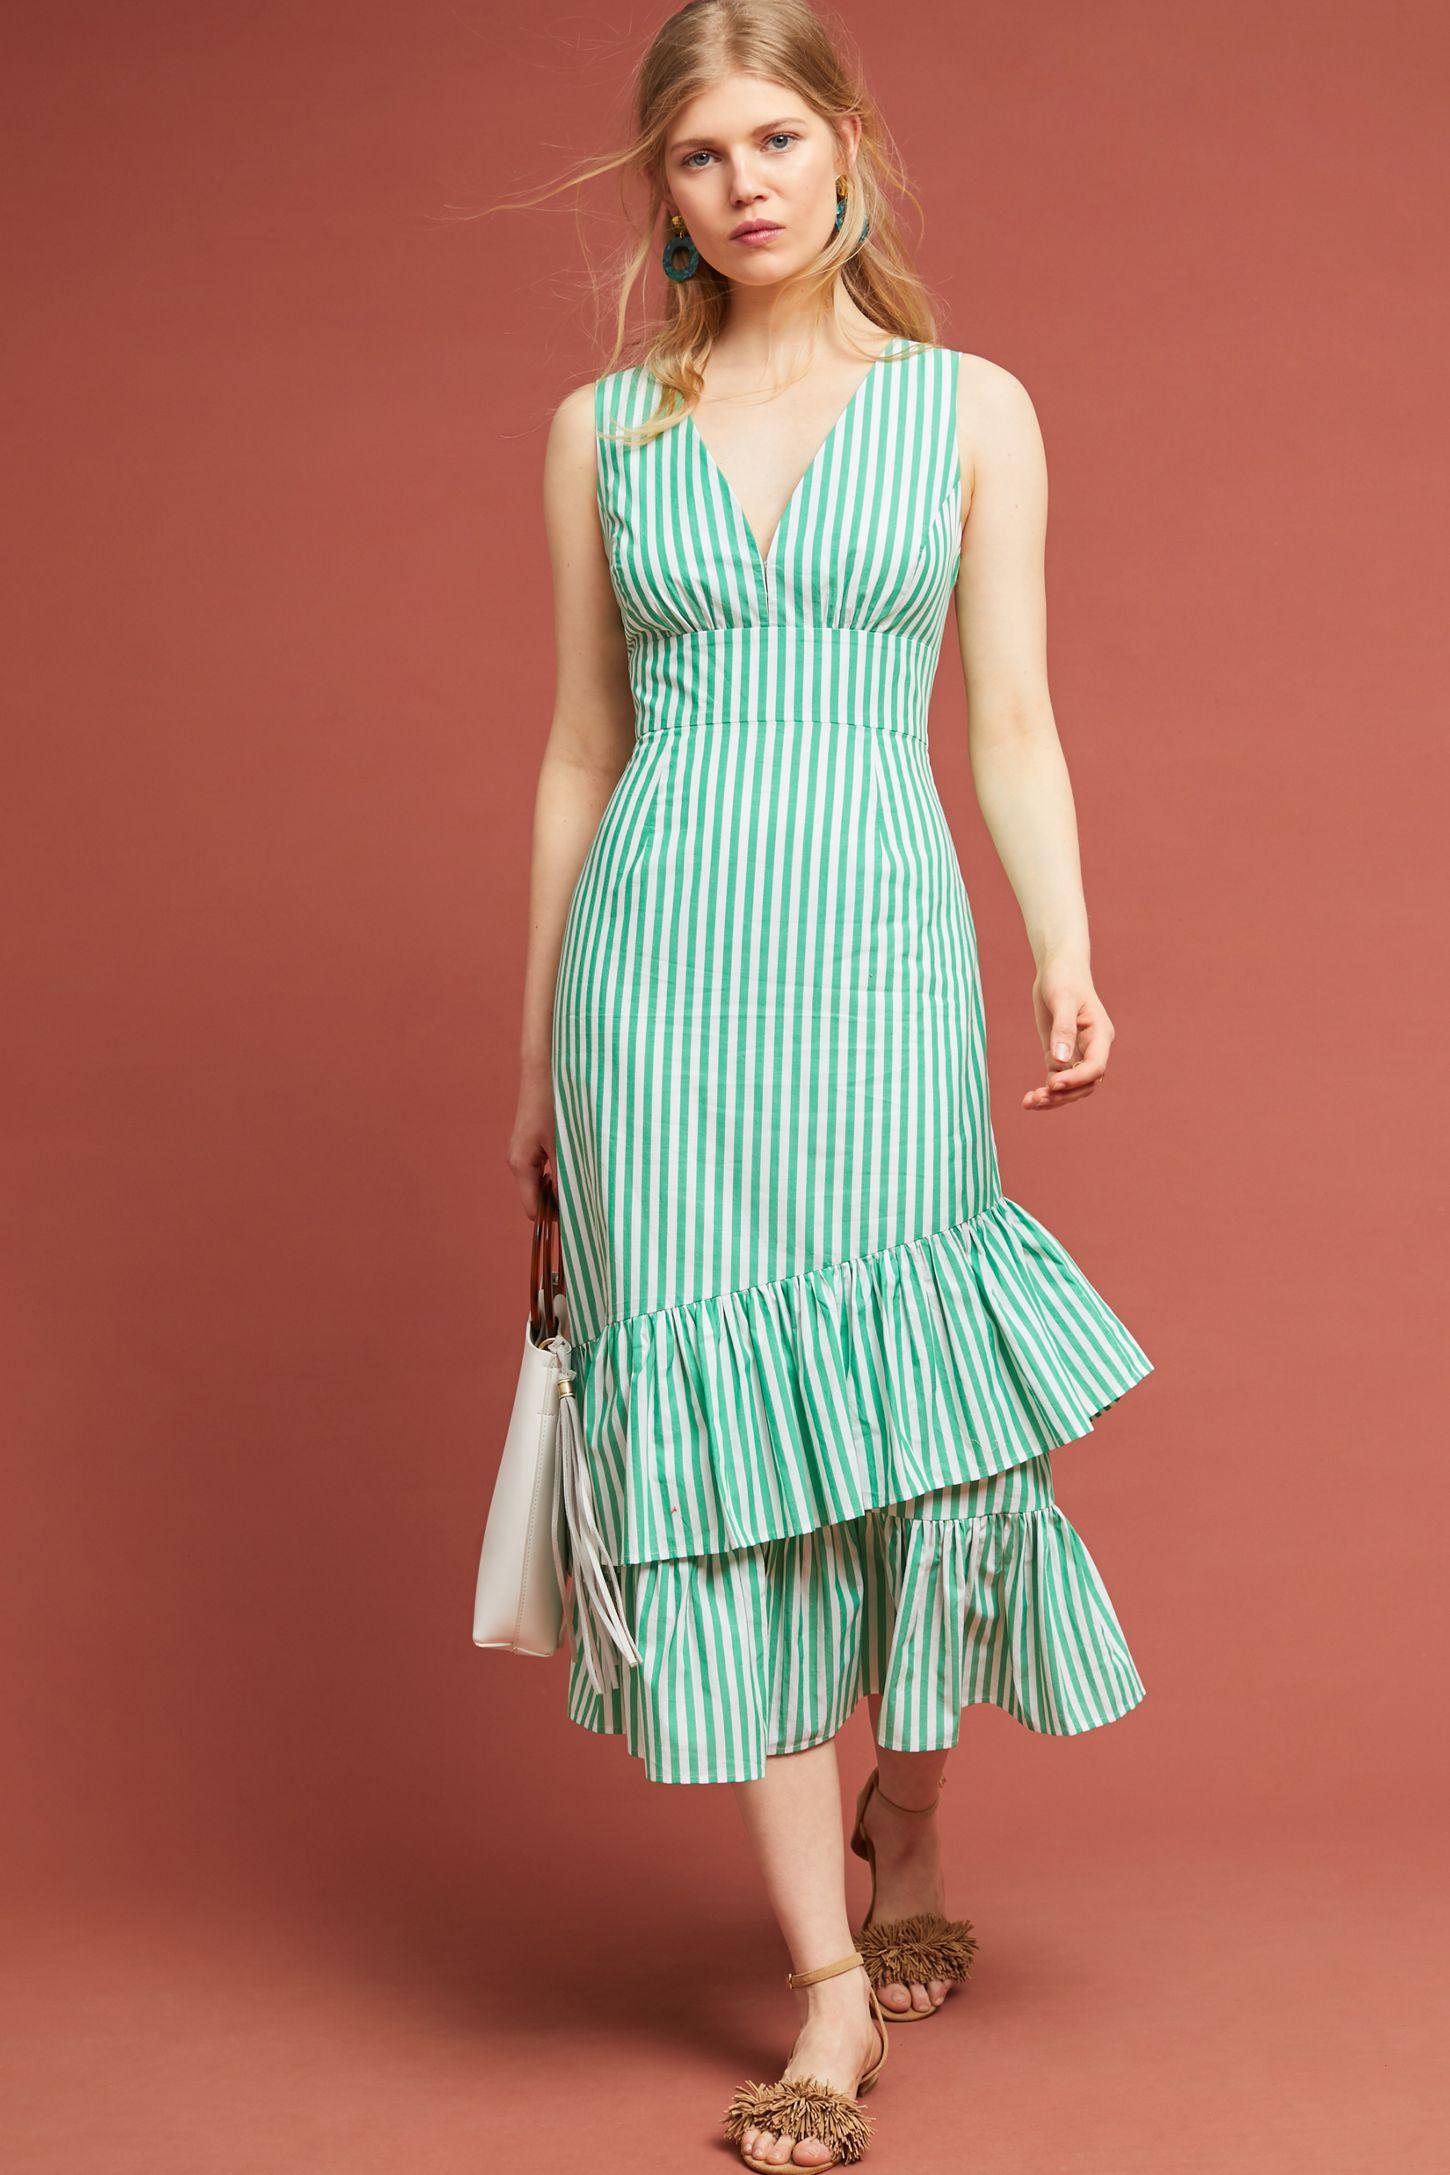 56ff0d54c16cd Assateague Striped Dress | Anthropologie